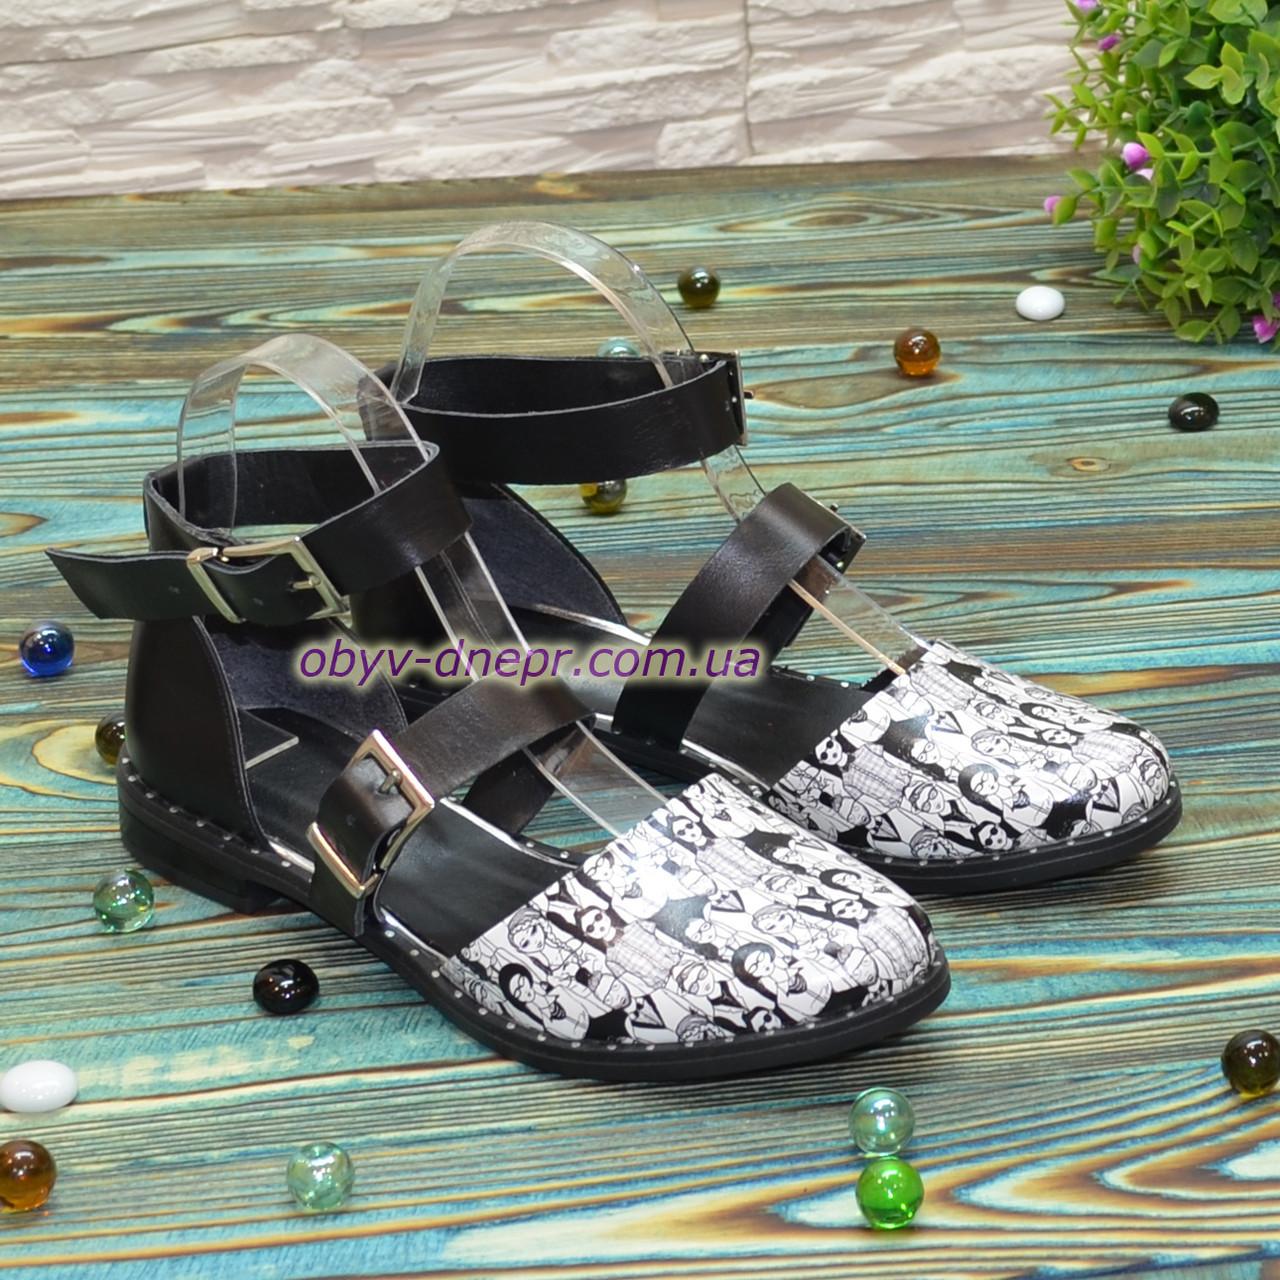 Туфлі жіночі шкіряні на низькому ходу, колір чорний